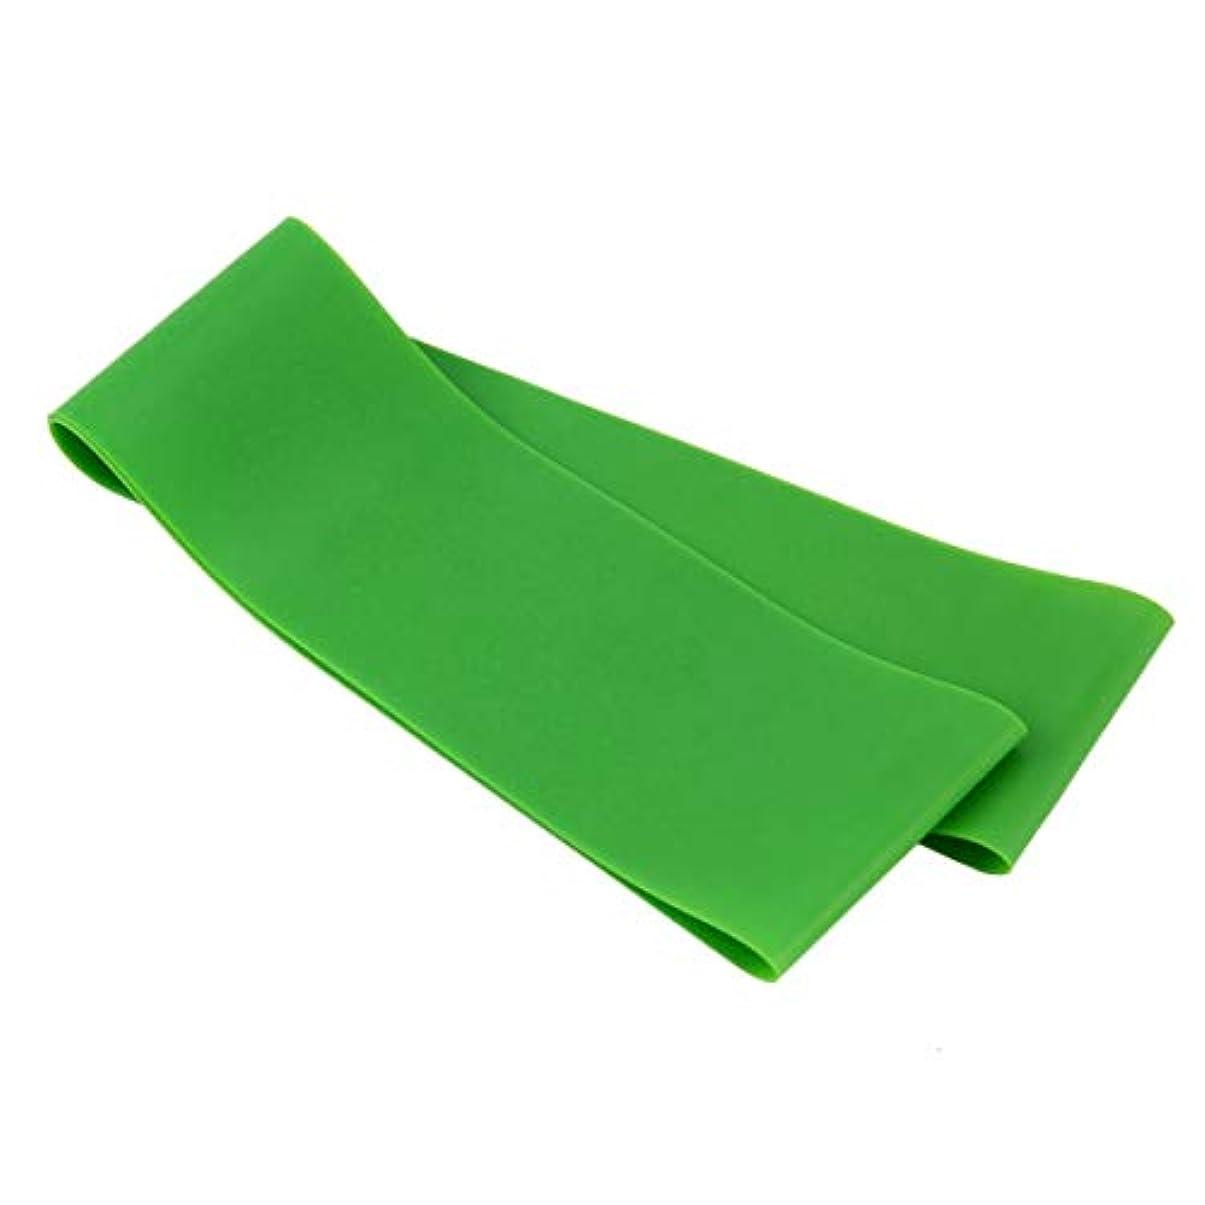 減少側対処する滑り止め伸縮性ゴム弾性ヨガベルトバンドプルロープ張力抵抗バンドループ強度のためのフィットネスヨガツール - グリーン